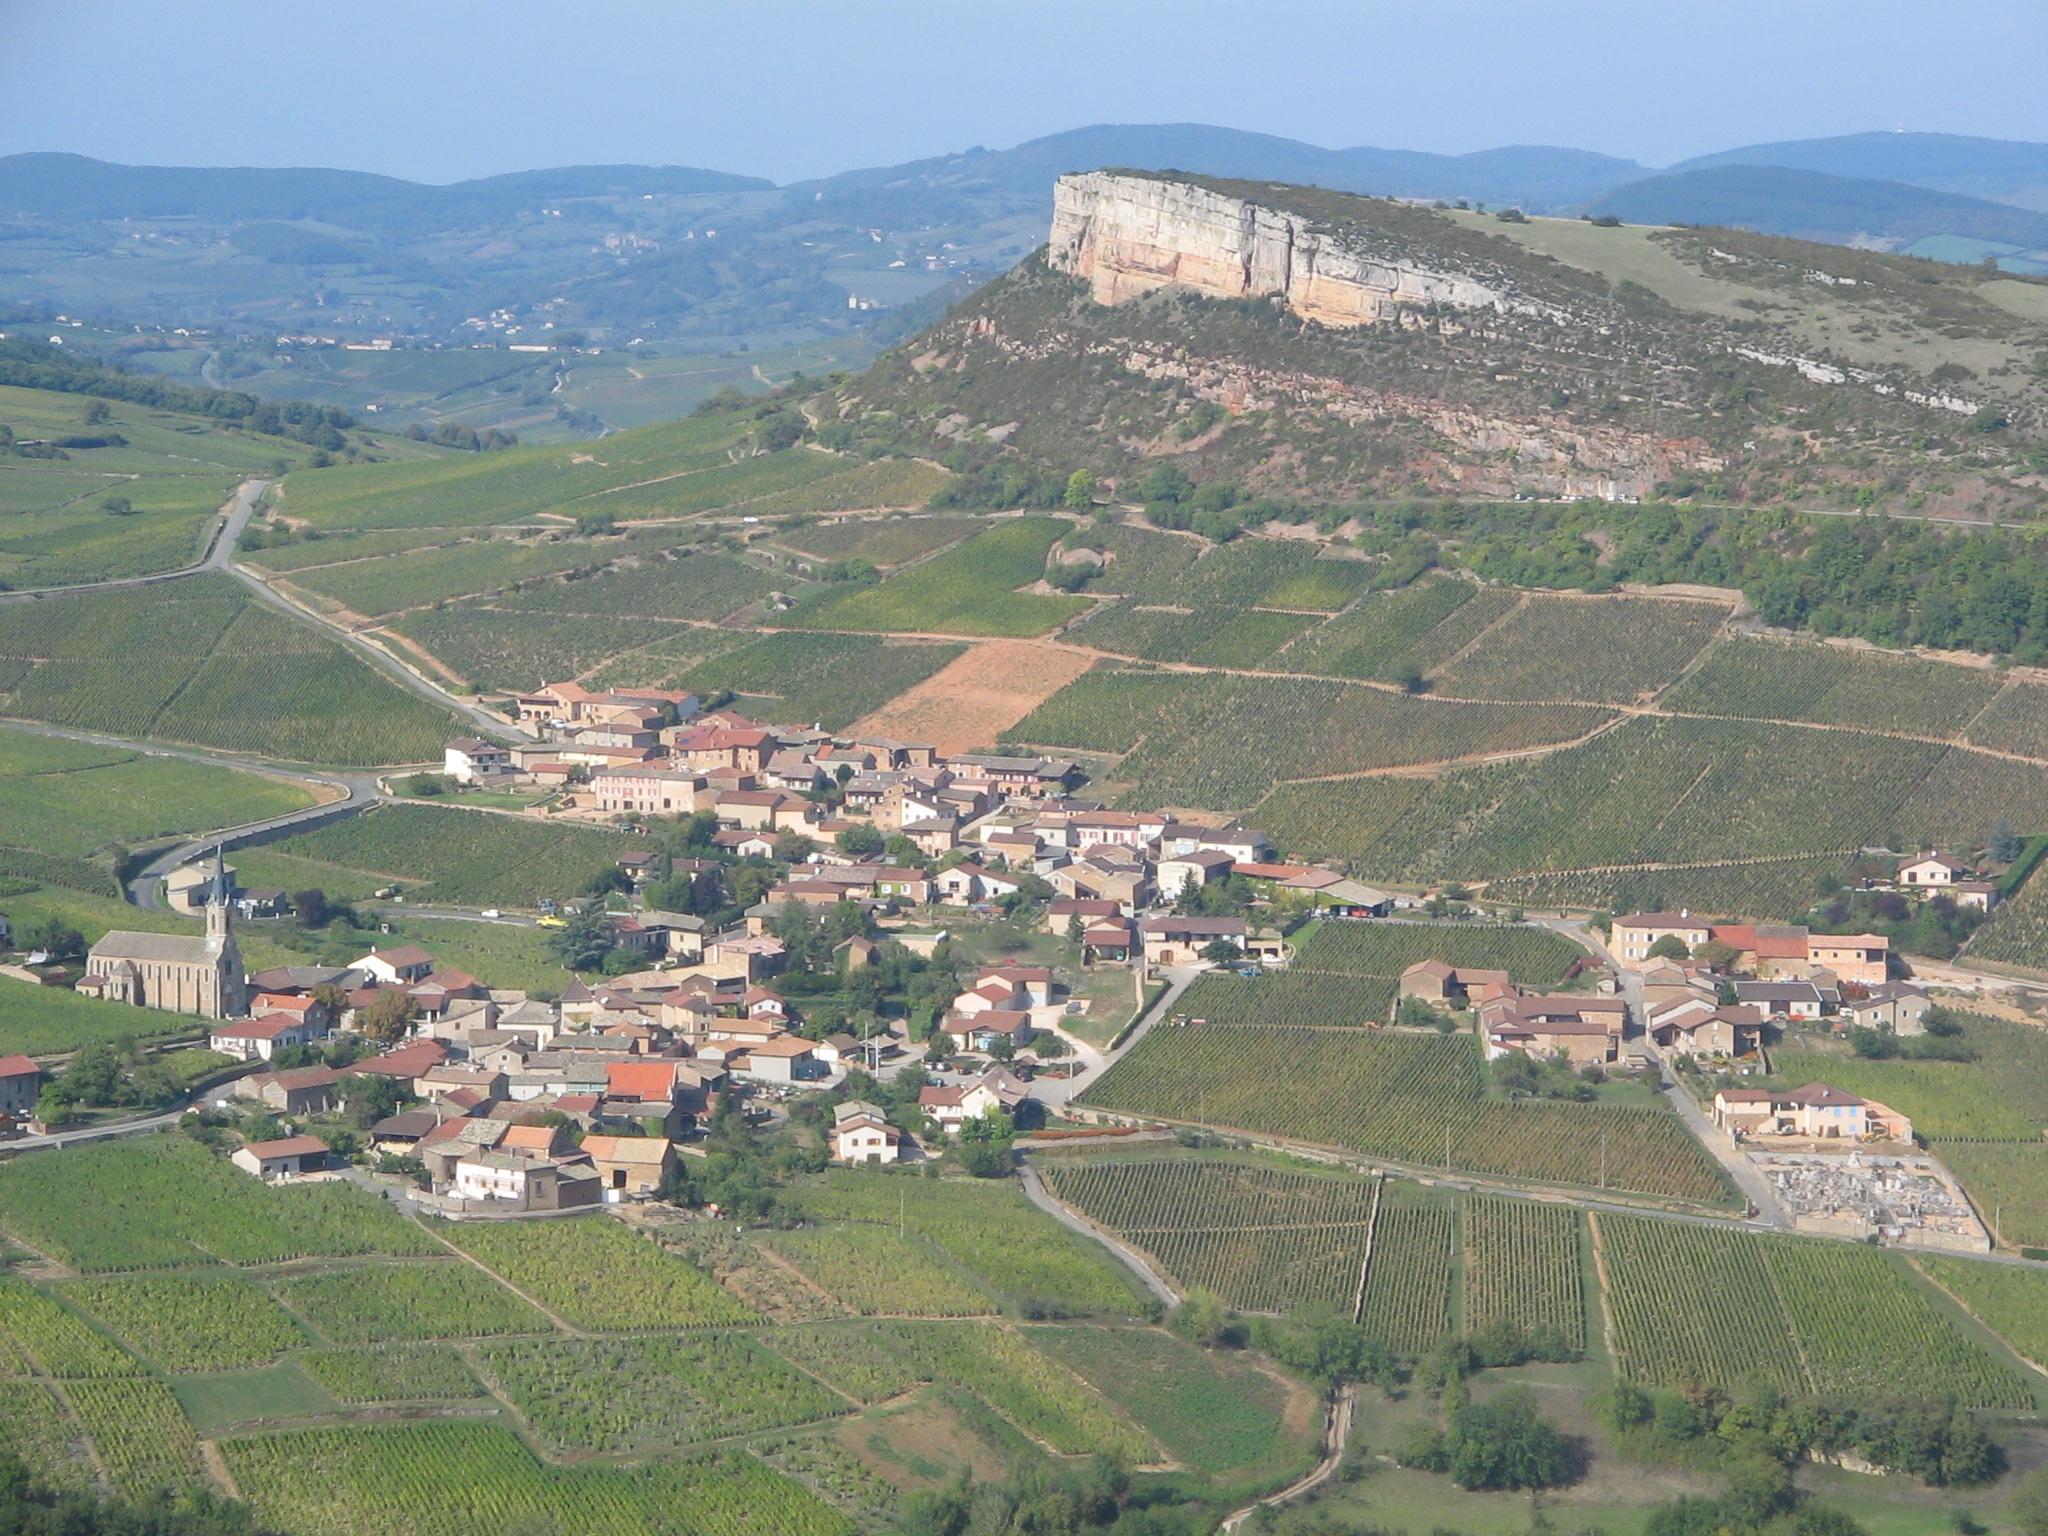 The village Solutré-Pouilly